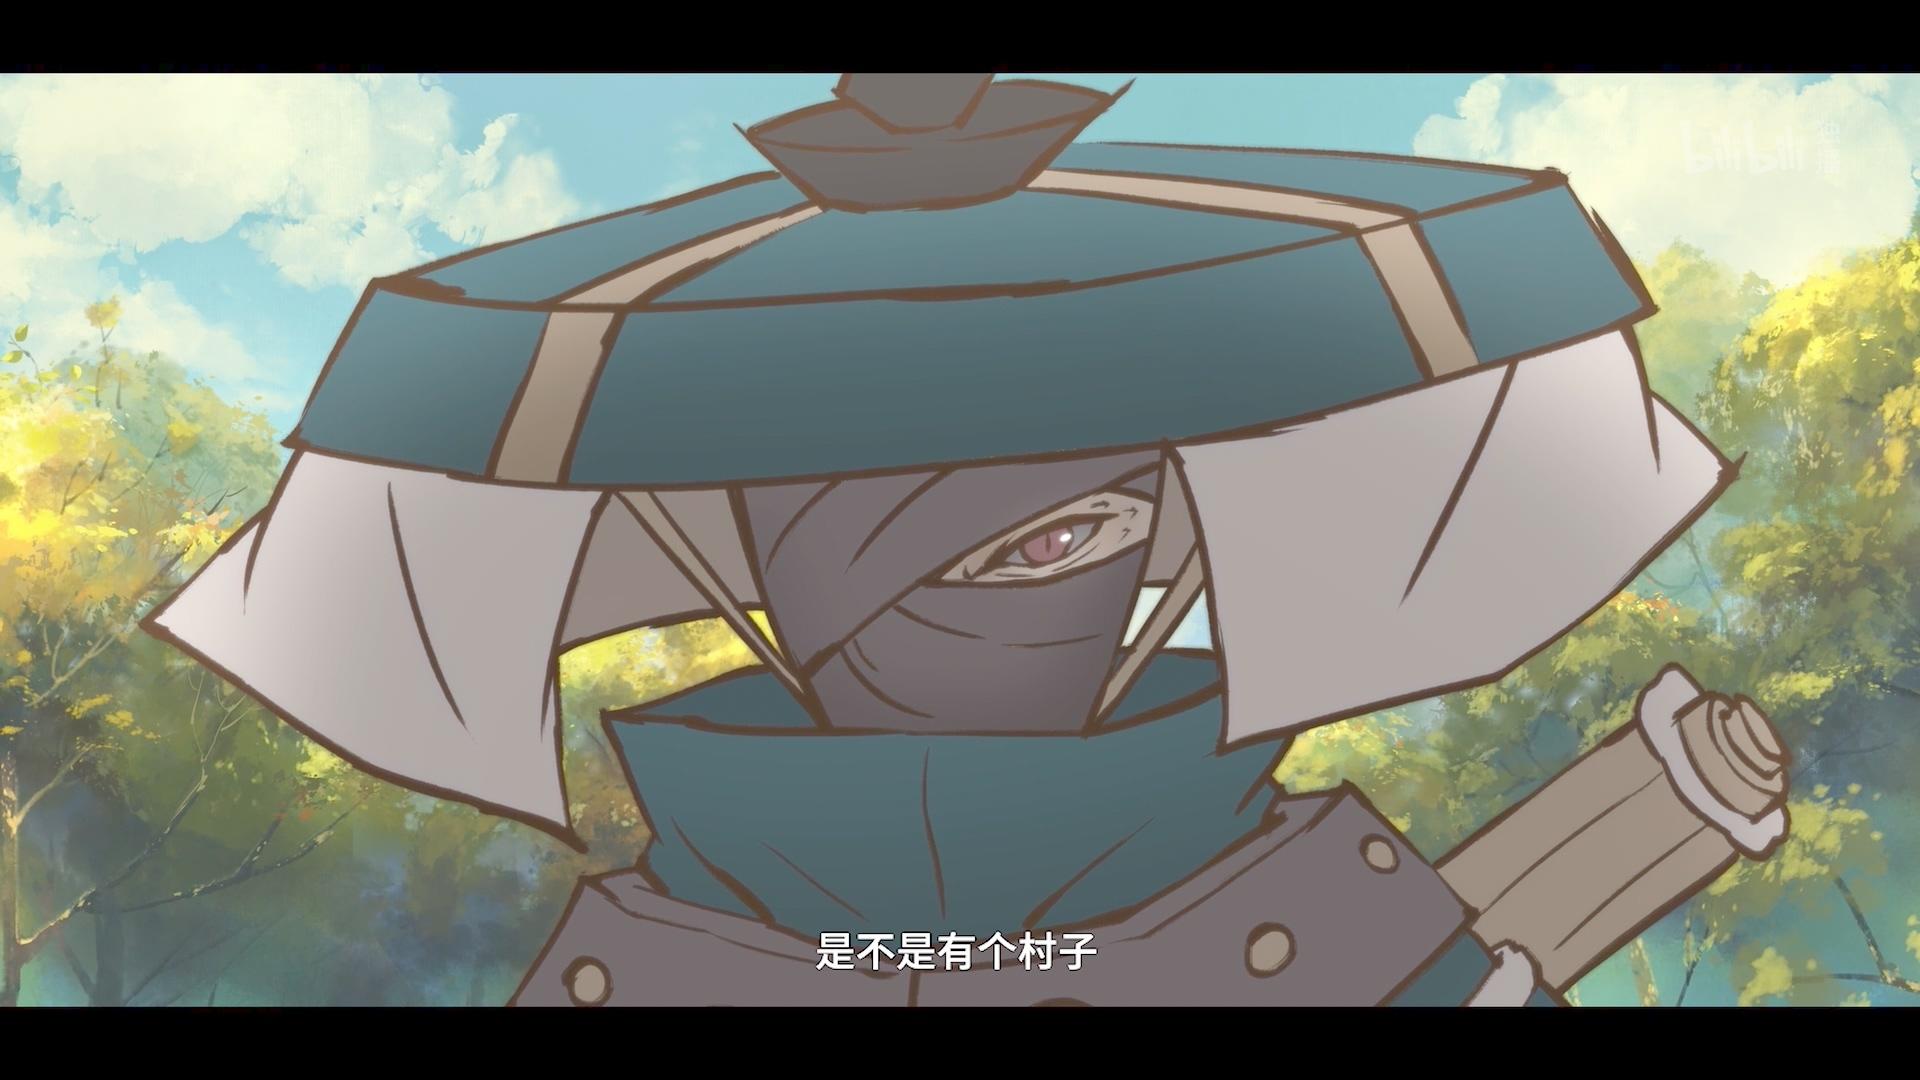 【雾山五行】非标题党这就是国产最强打斗动画